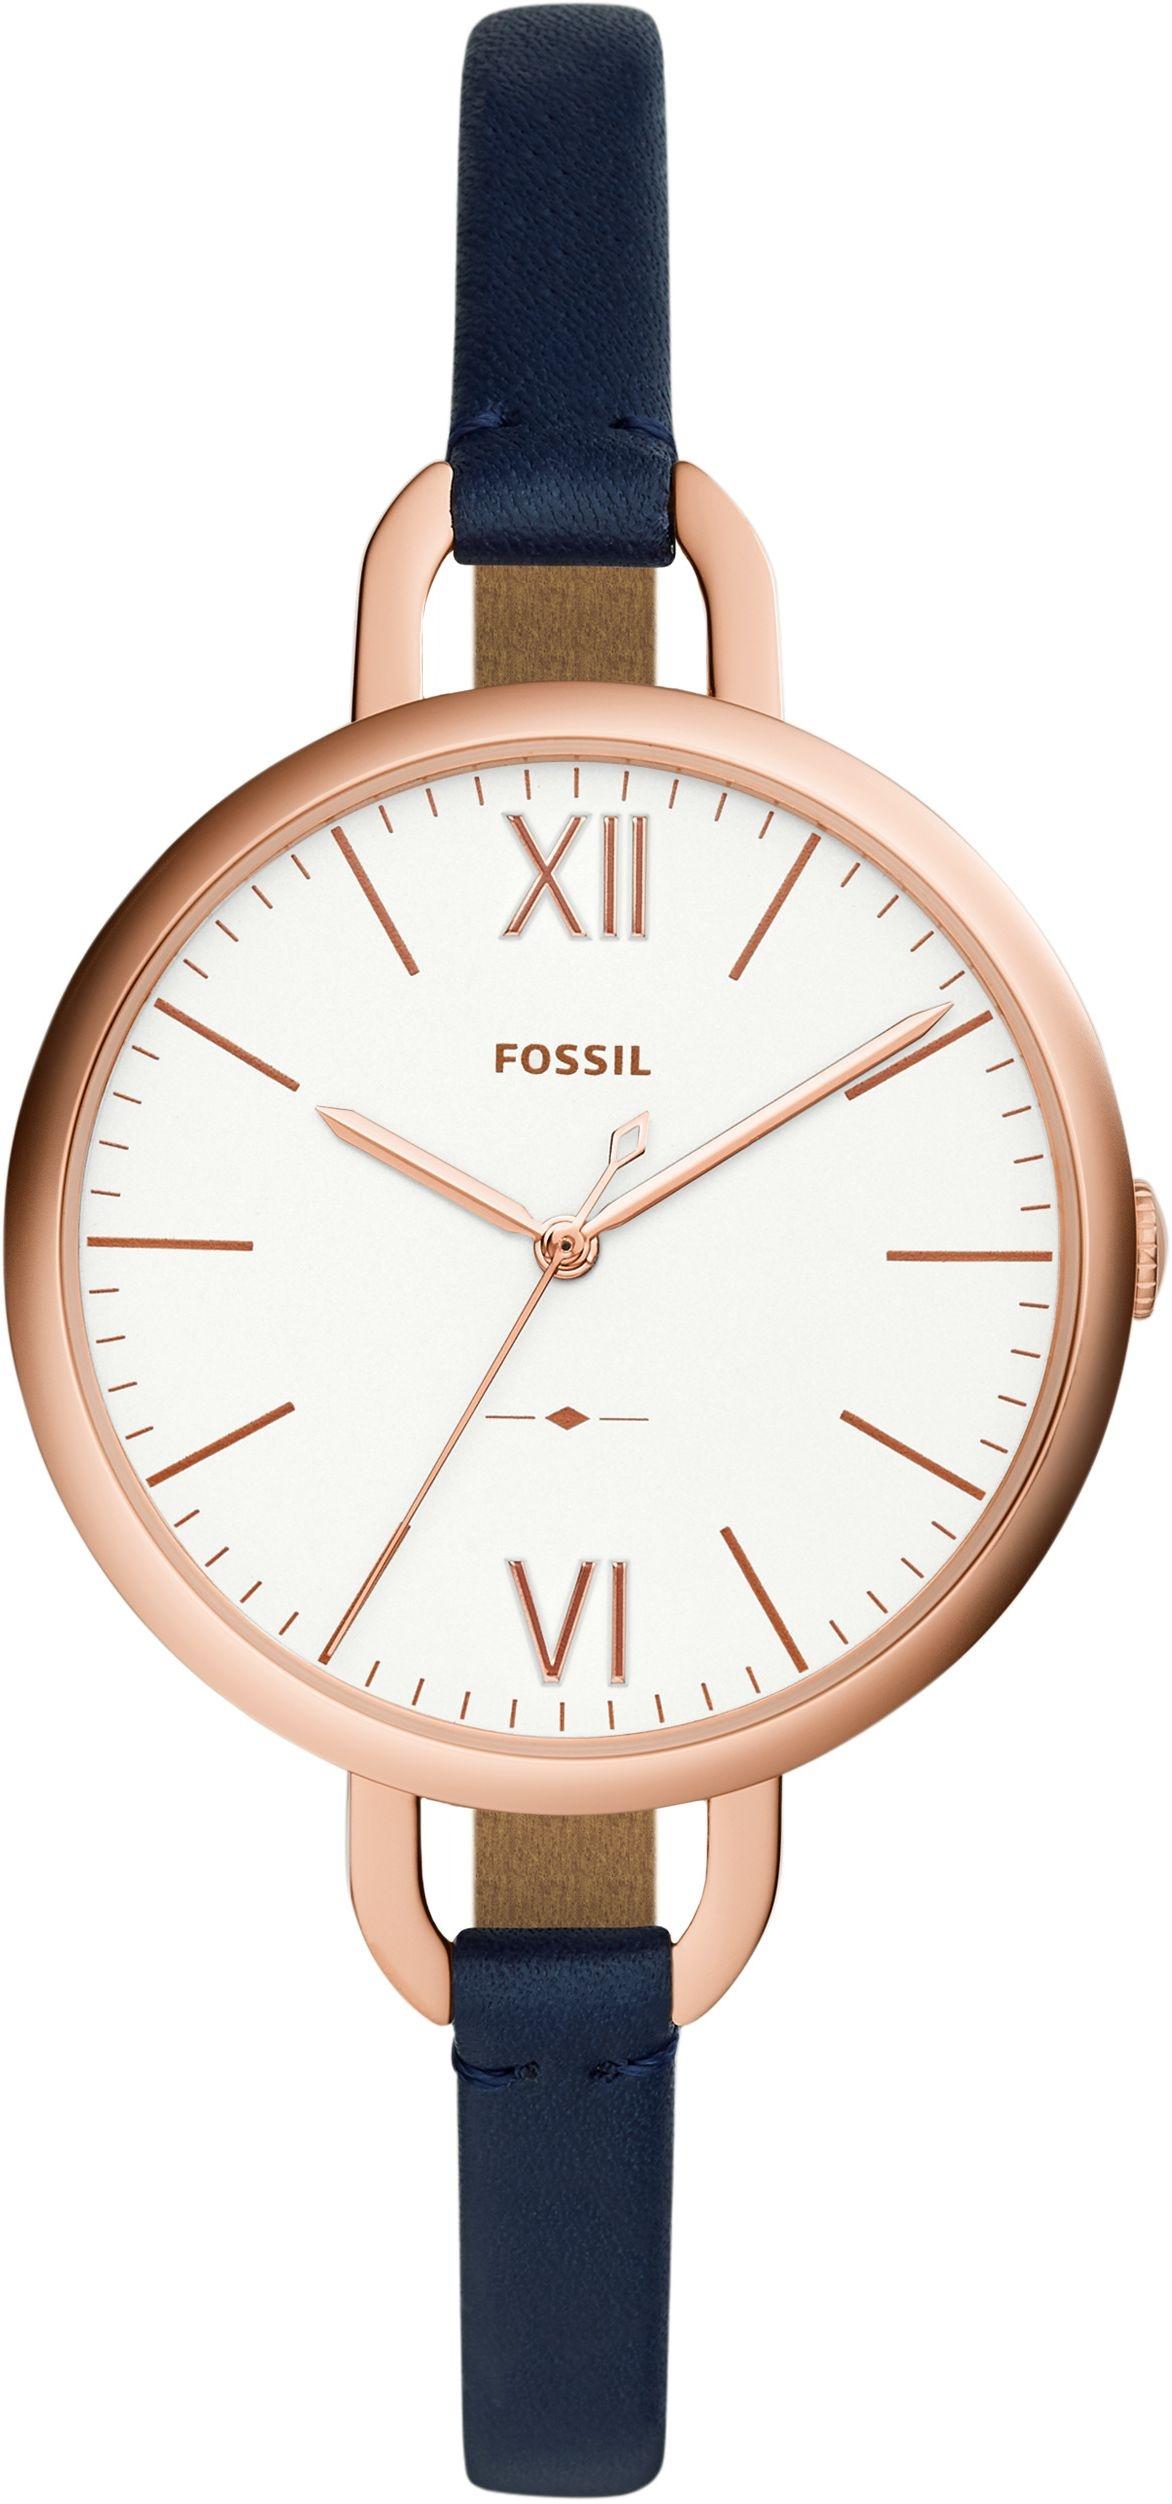 Fossil Annette Online Kaufen Christian Es3862 Original